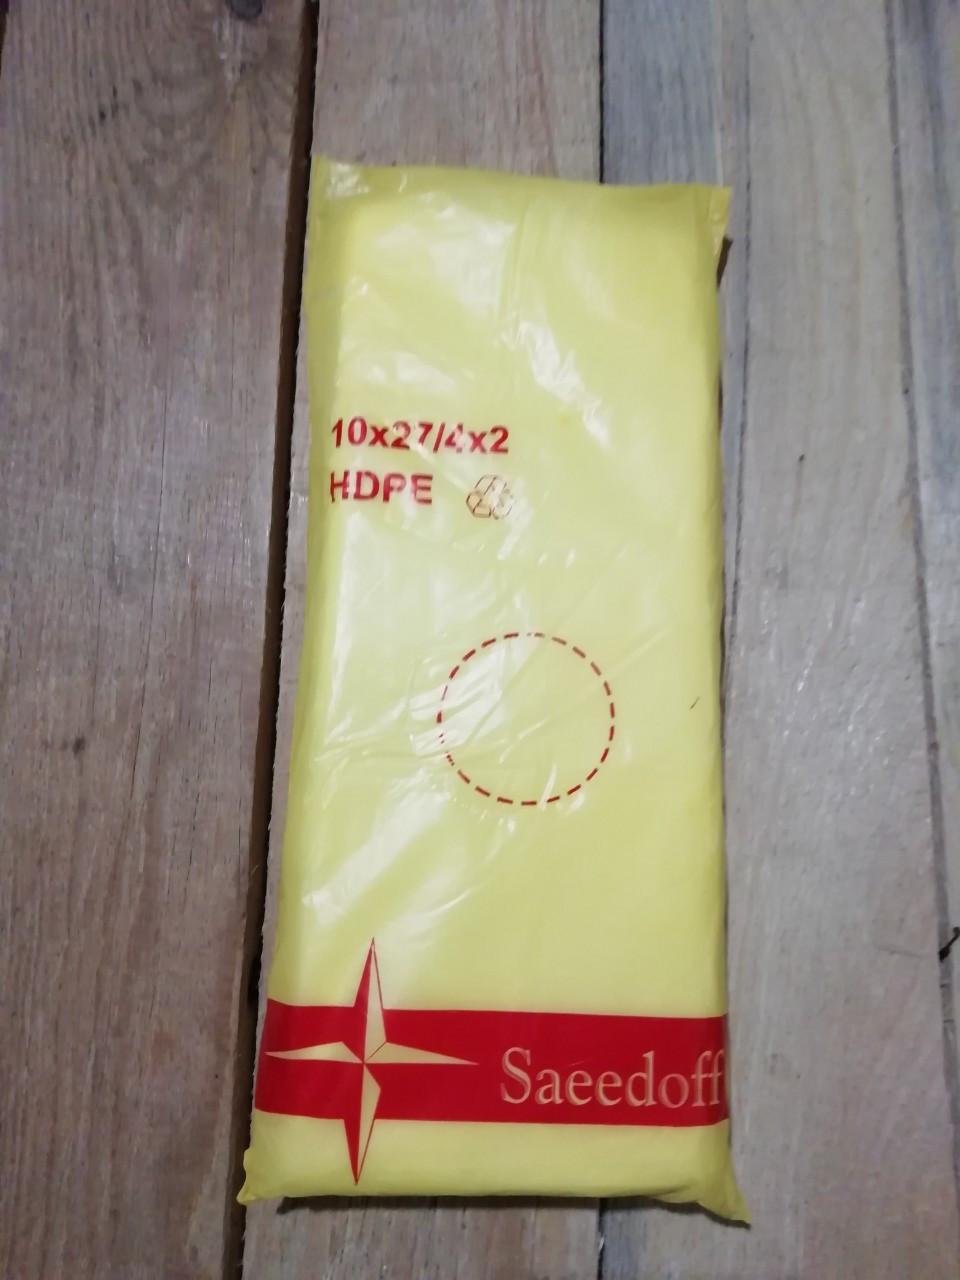 Пакеты фасовочные Saeedoff 10х27/4х2